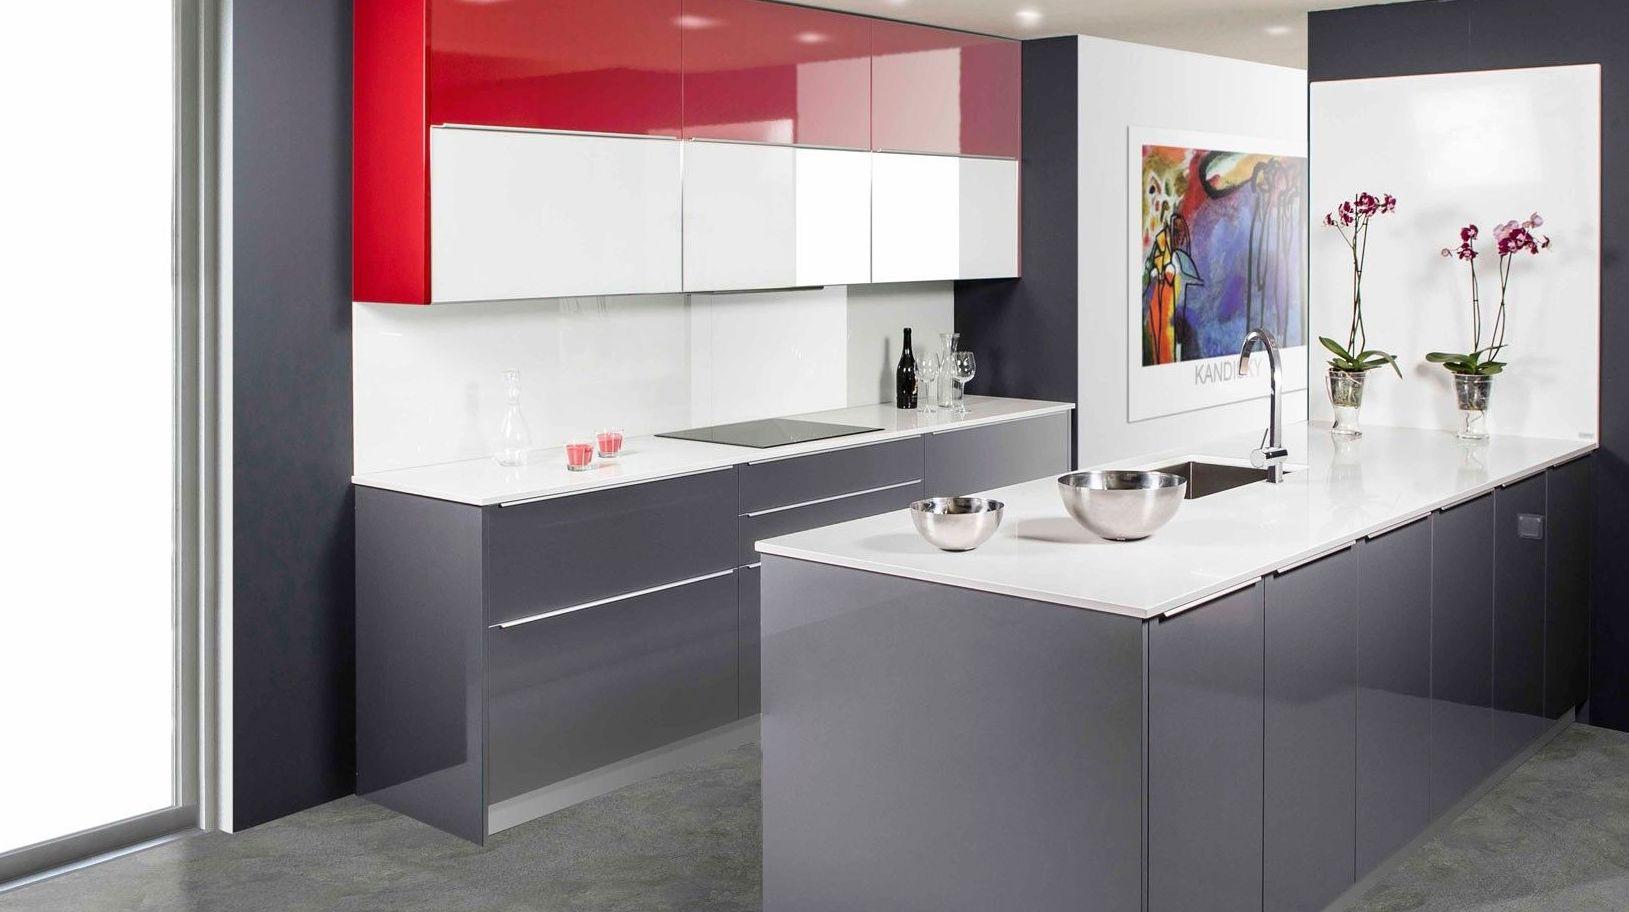 Foto 40 de Decoración y diseño de interiores en Arganda del Rey | Cocinas Parsan